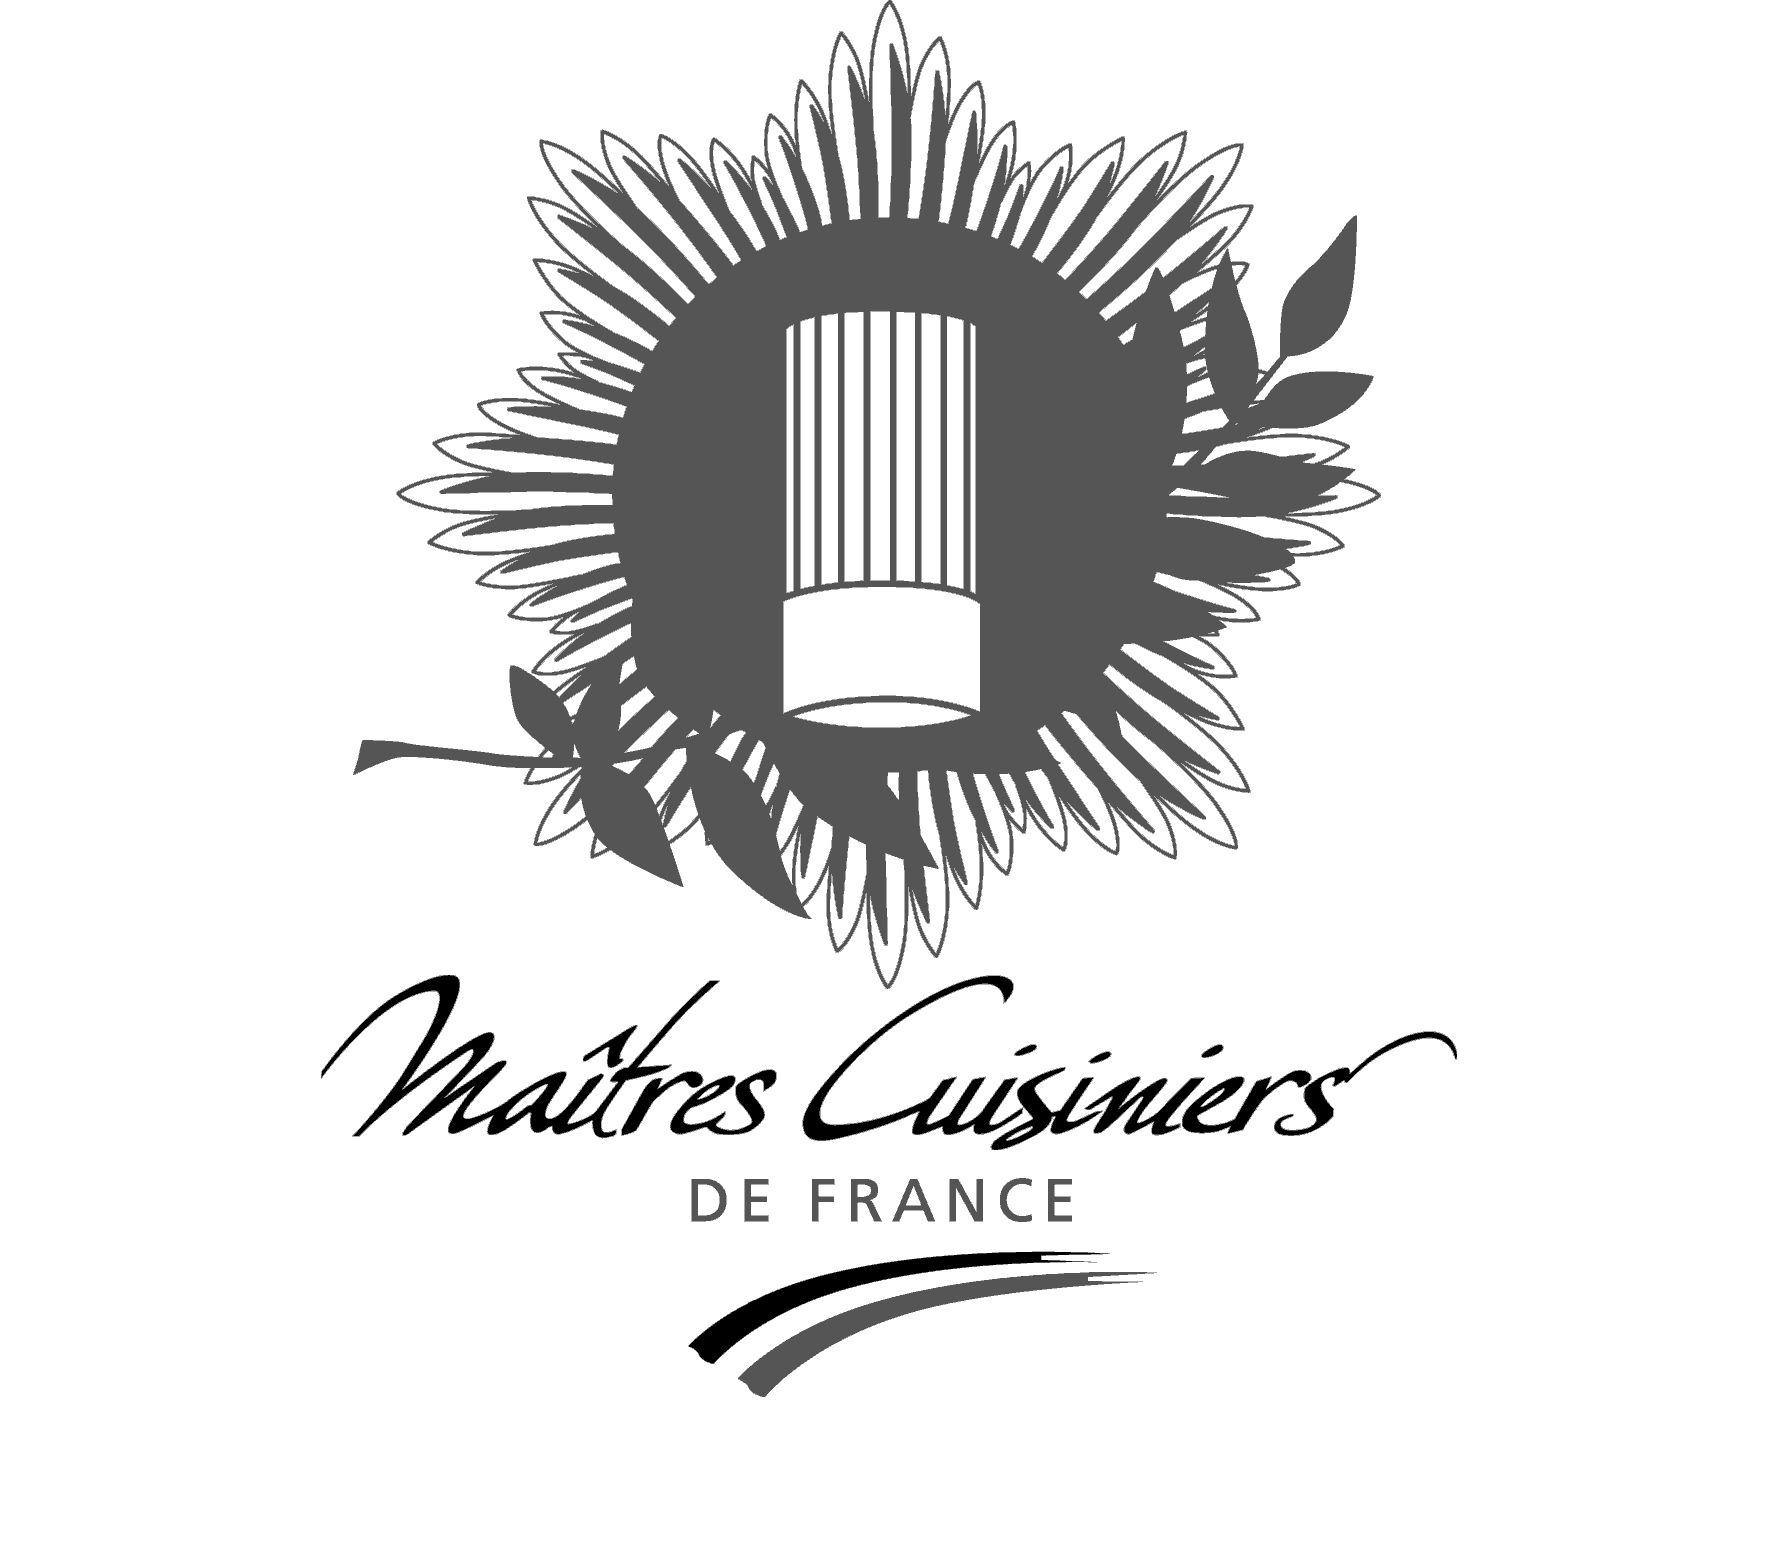 Maîtres Cuisiniers de France